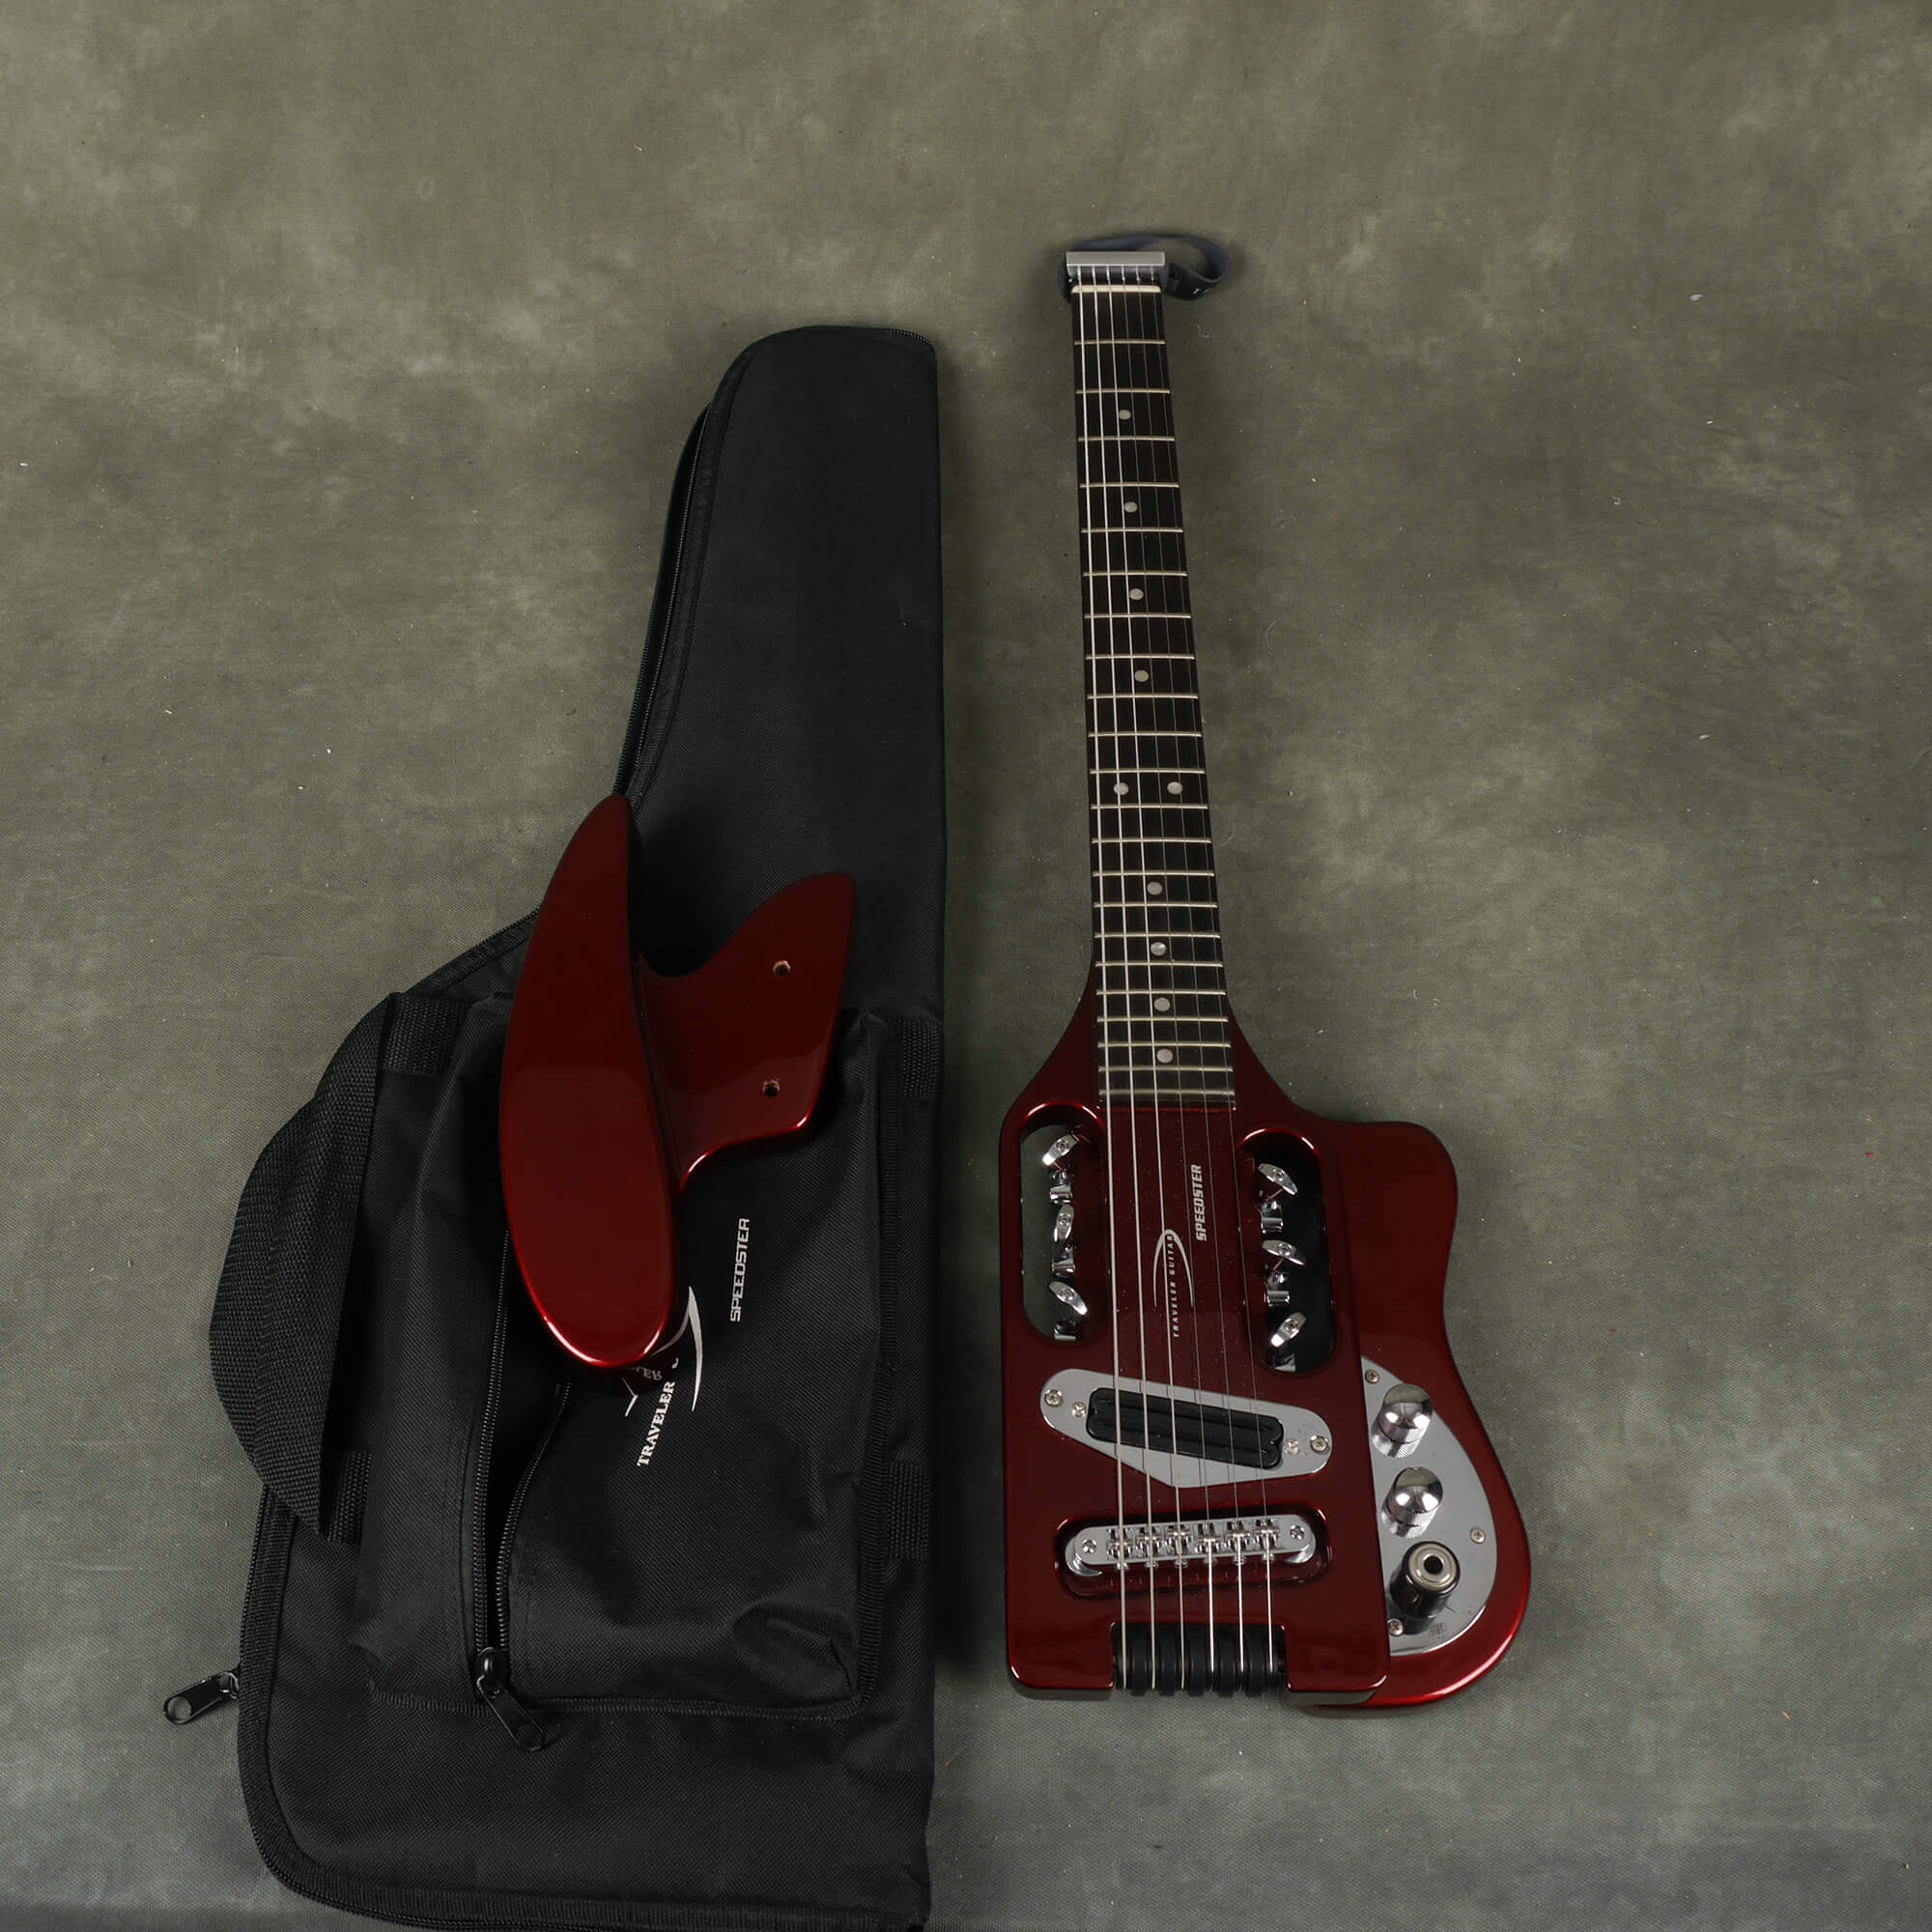 Traveler Guitar Speedster - Wine Red w/Gig Bag - 2nd Hand